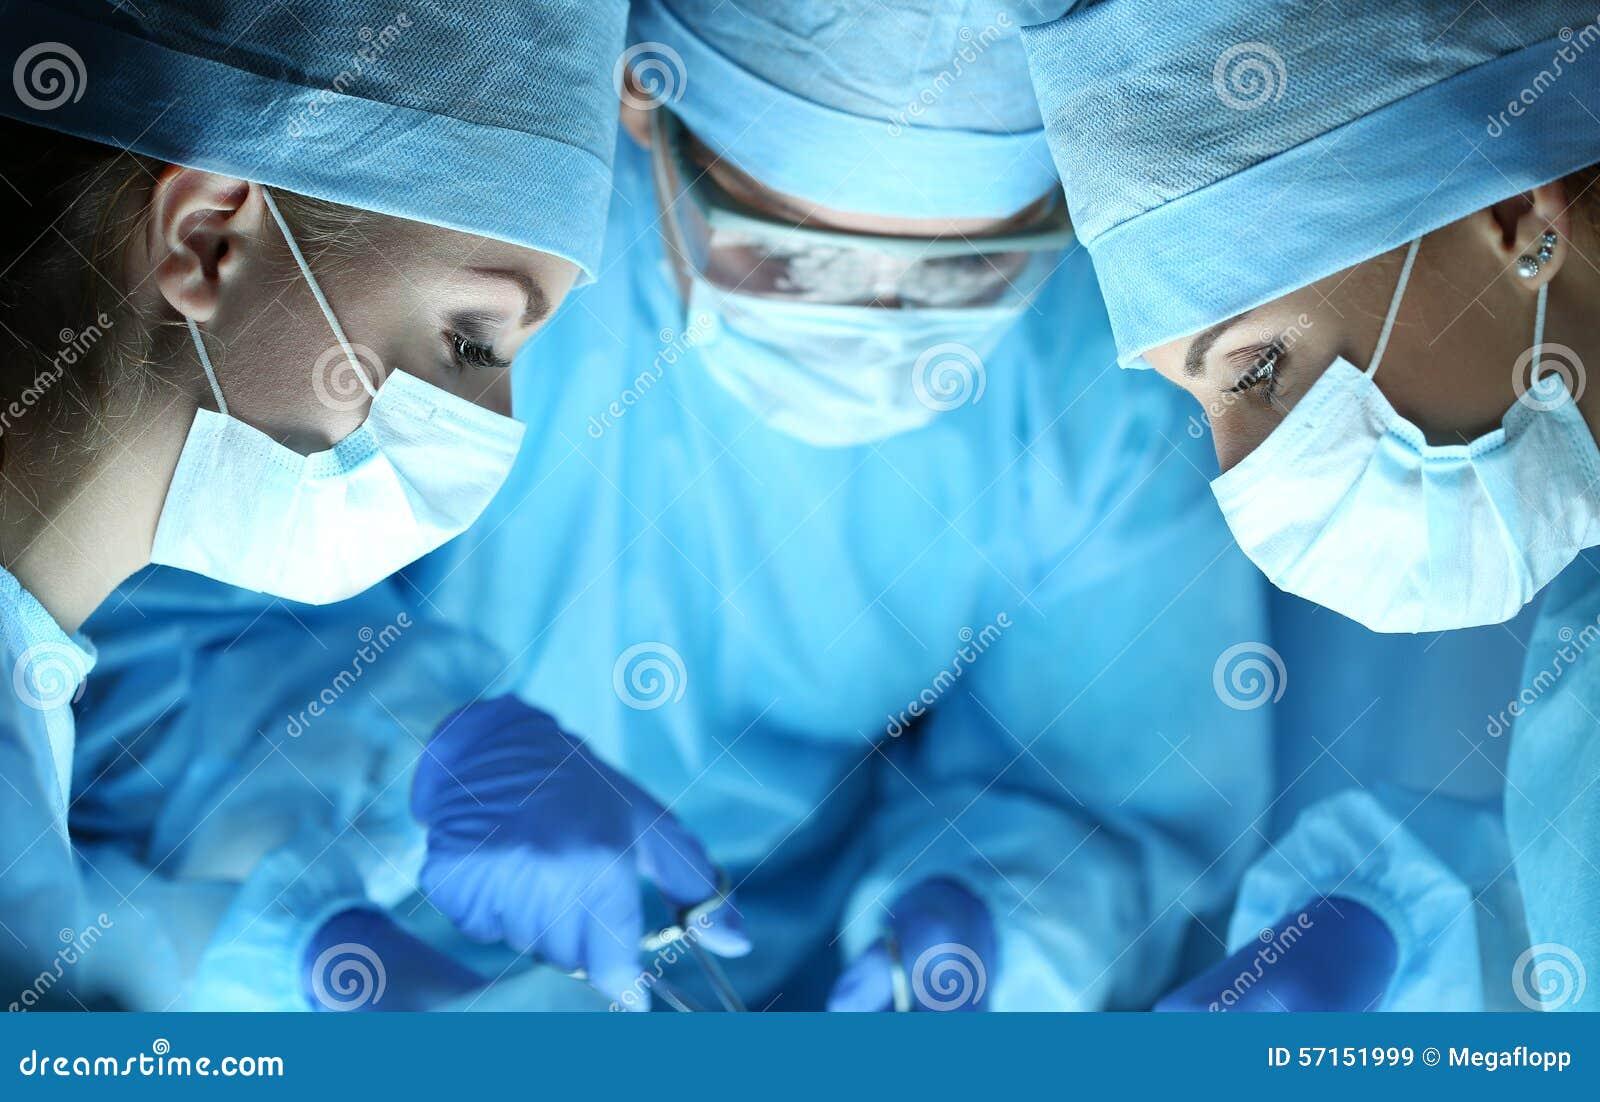 Kirurgi- och nödlägebegrepp